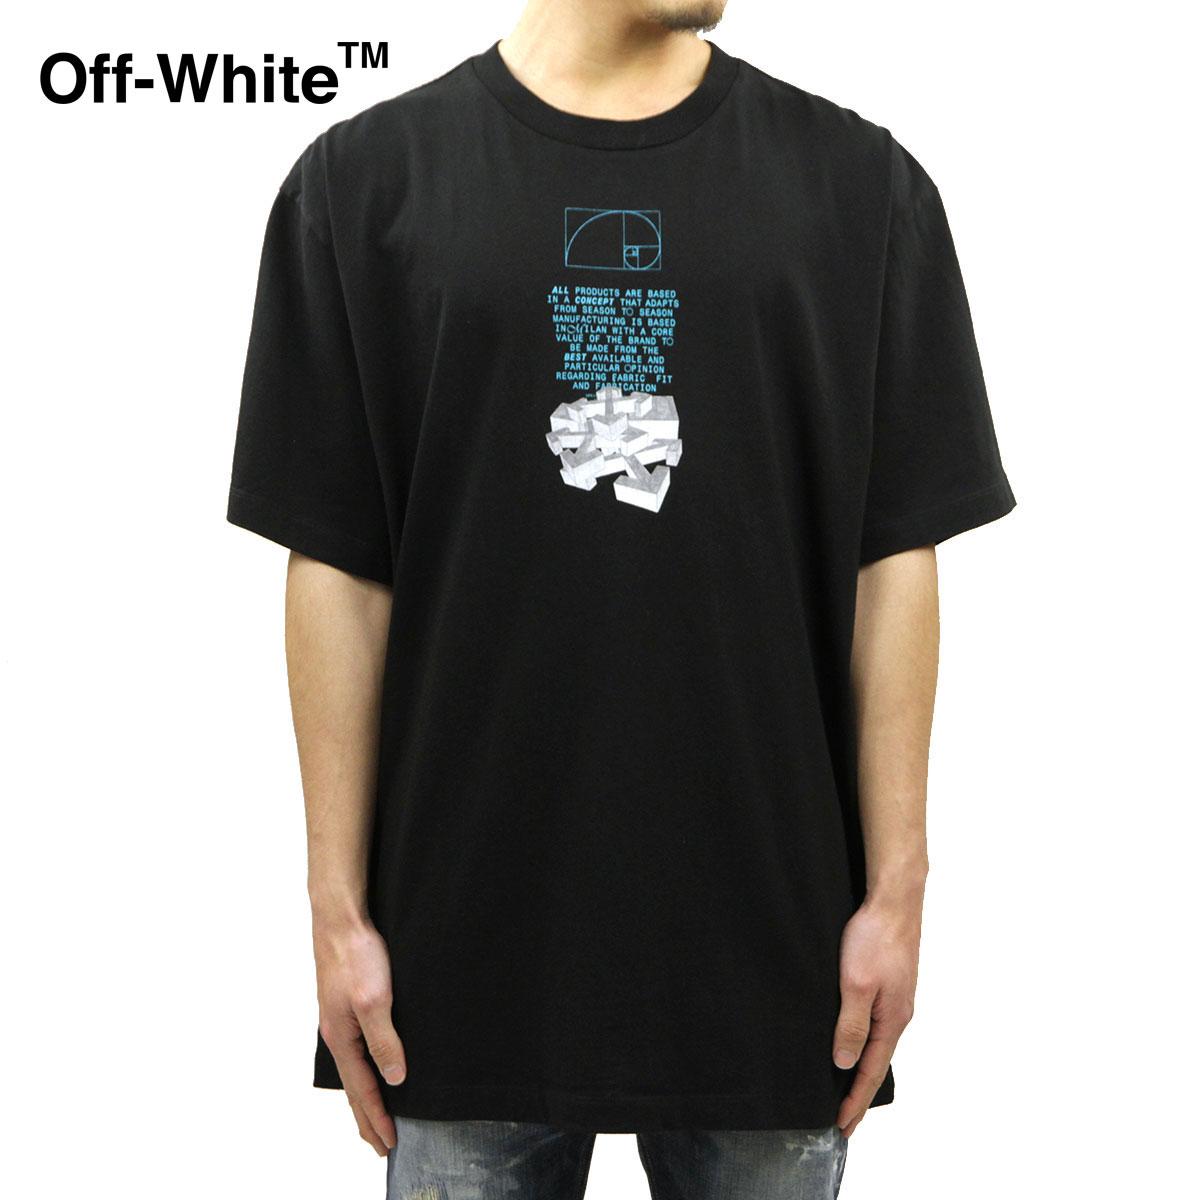 オフホワイト Tシャツ メンズ 正規品 OFF-WHITE 半袖Tシャツ クルーネックTシャツ DRIPPING ARROWS S/S OVER TEE BLACK WHITE OMAA038R201850051001 AB3B B1C C1D D1E E13F